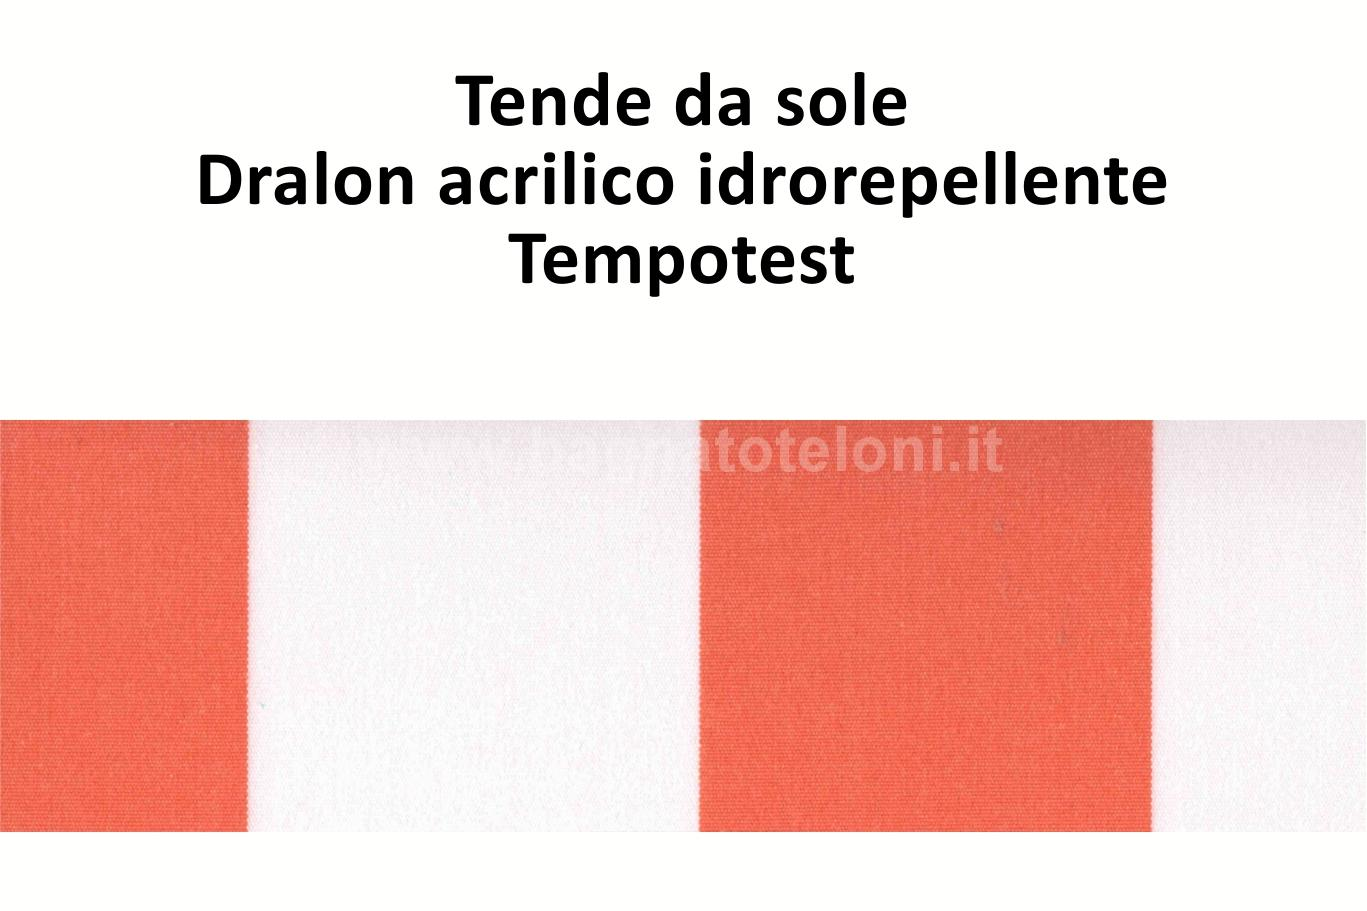 tende da sole dralon acrilico idrorepellente rigato mattone